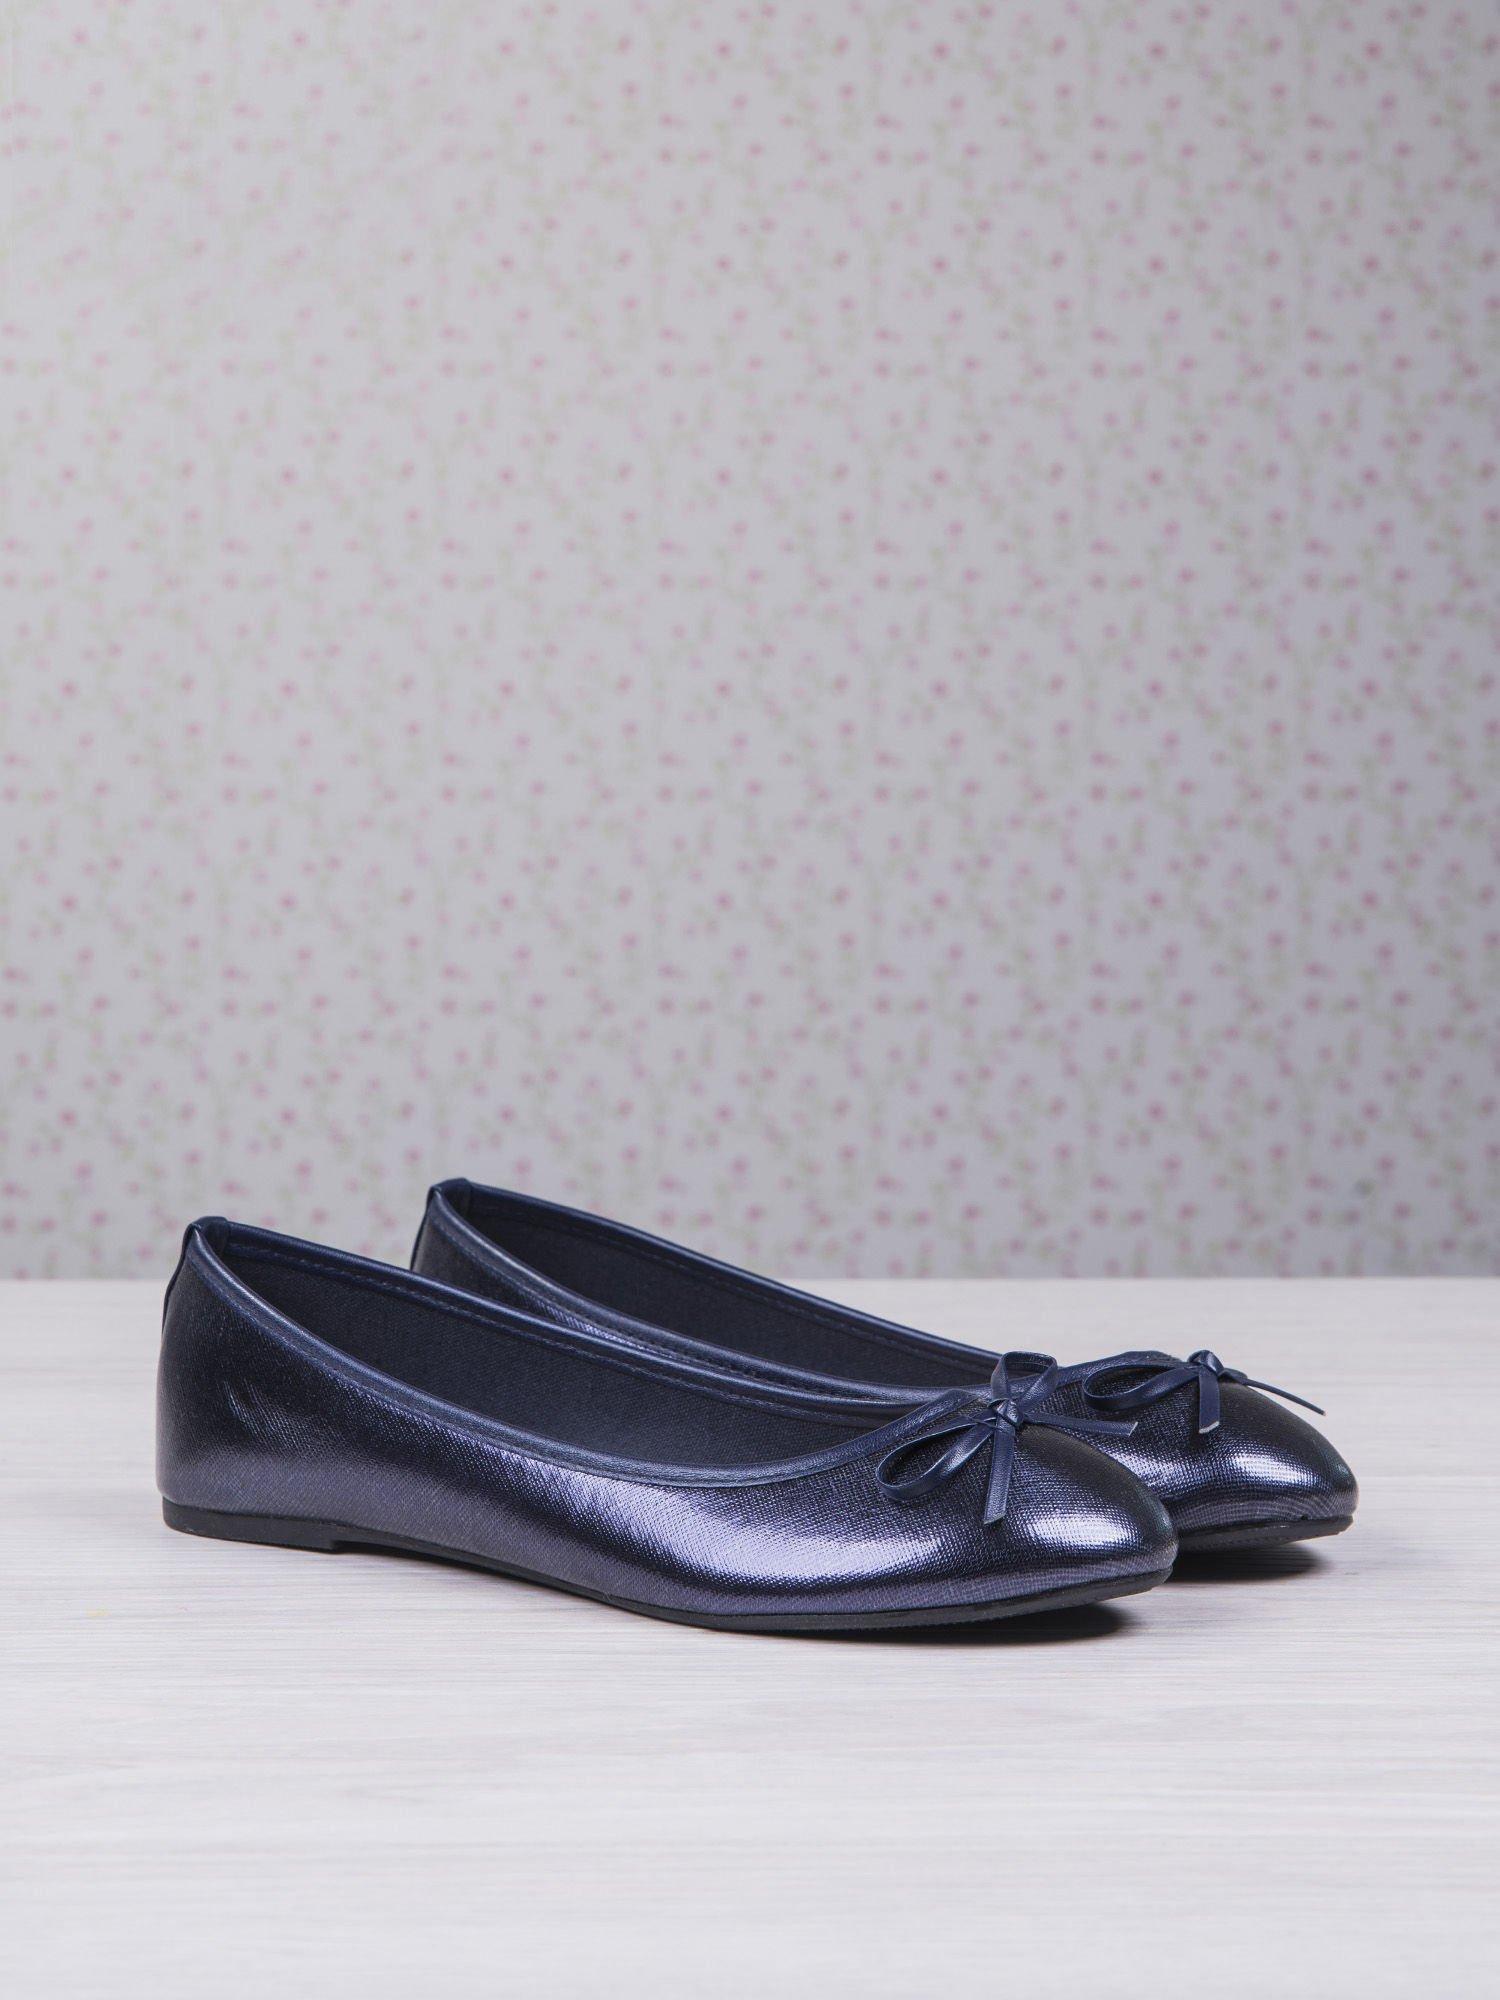 Granatowe baleriny faux leather classic z kokardką                                  zdj.                                  2